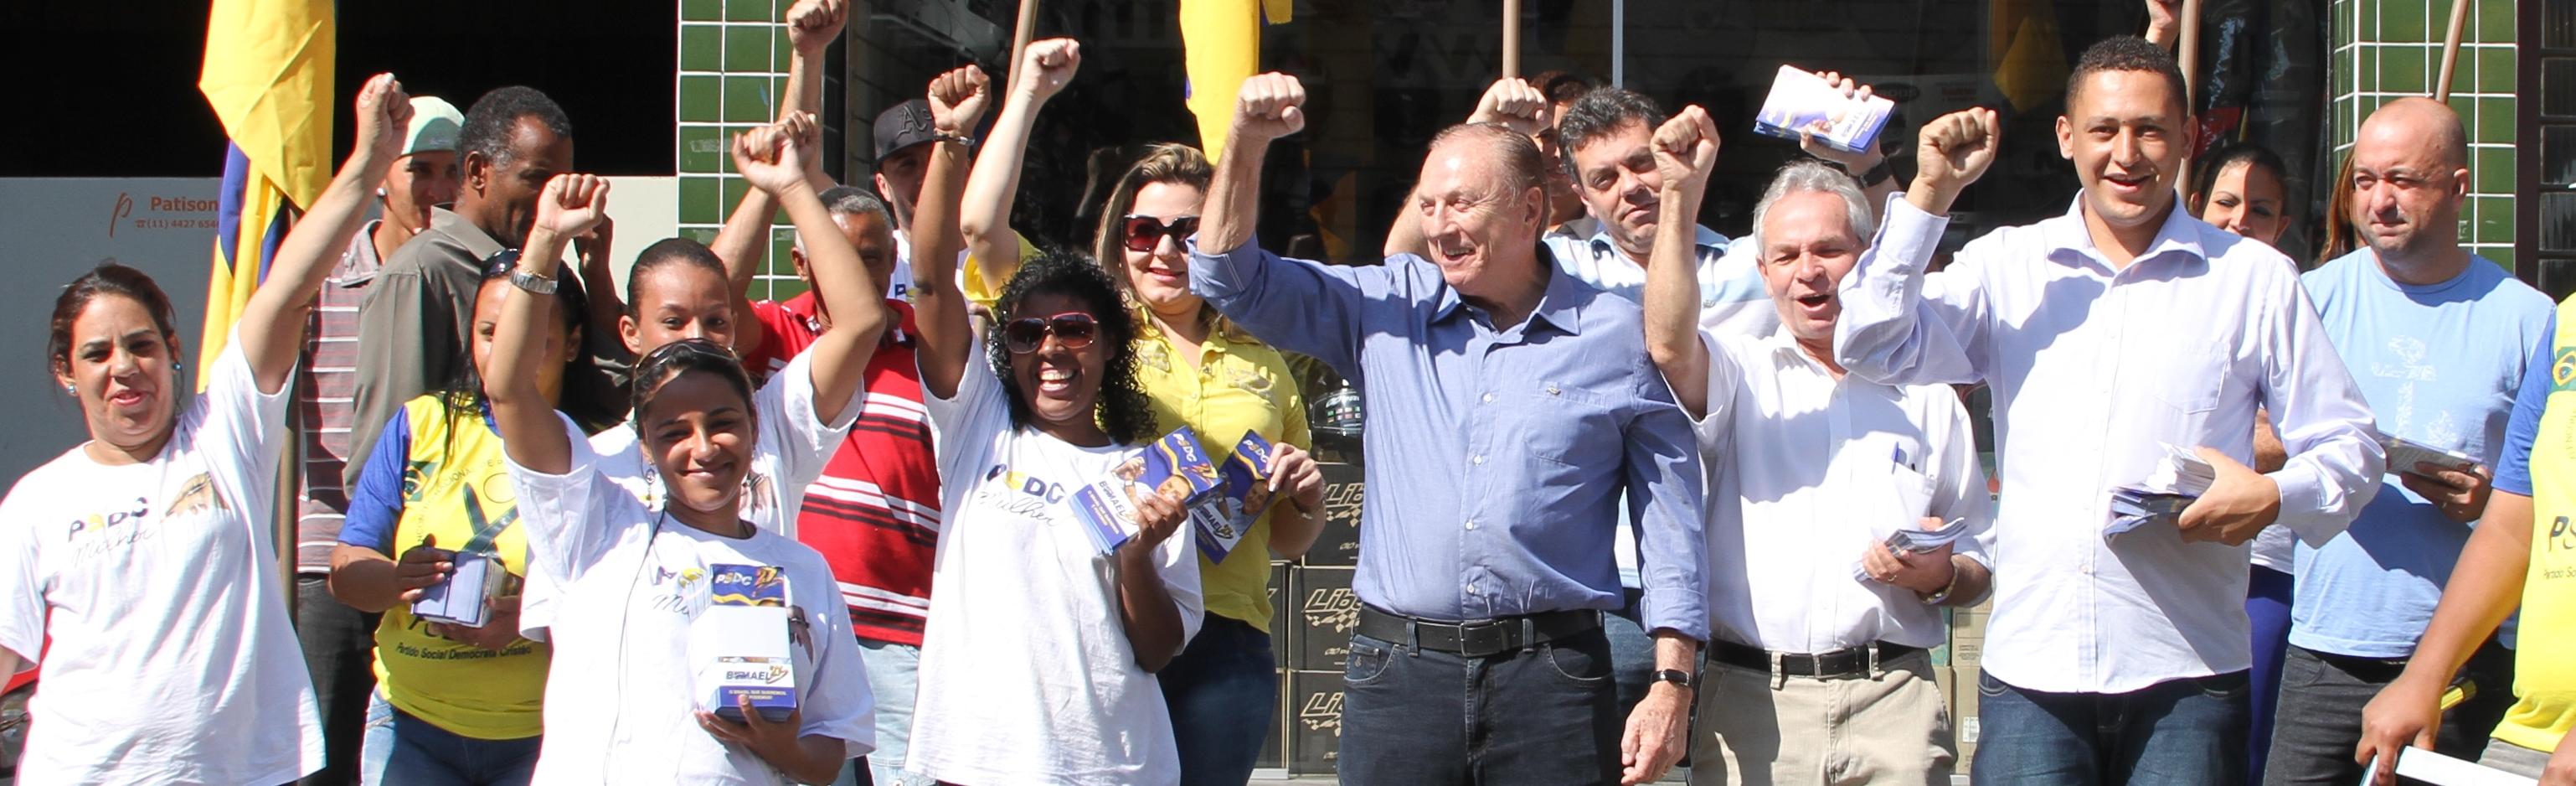 O Constituinte Eymael durante sua visita a Santo André, no ABC paulista.